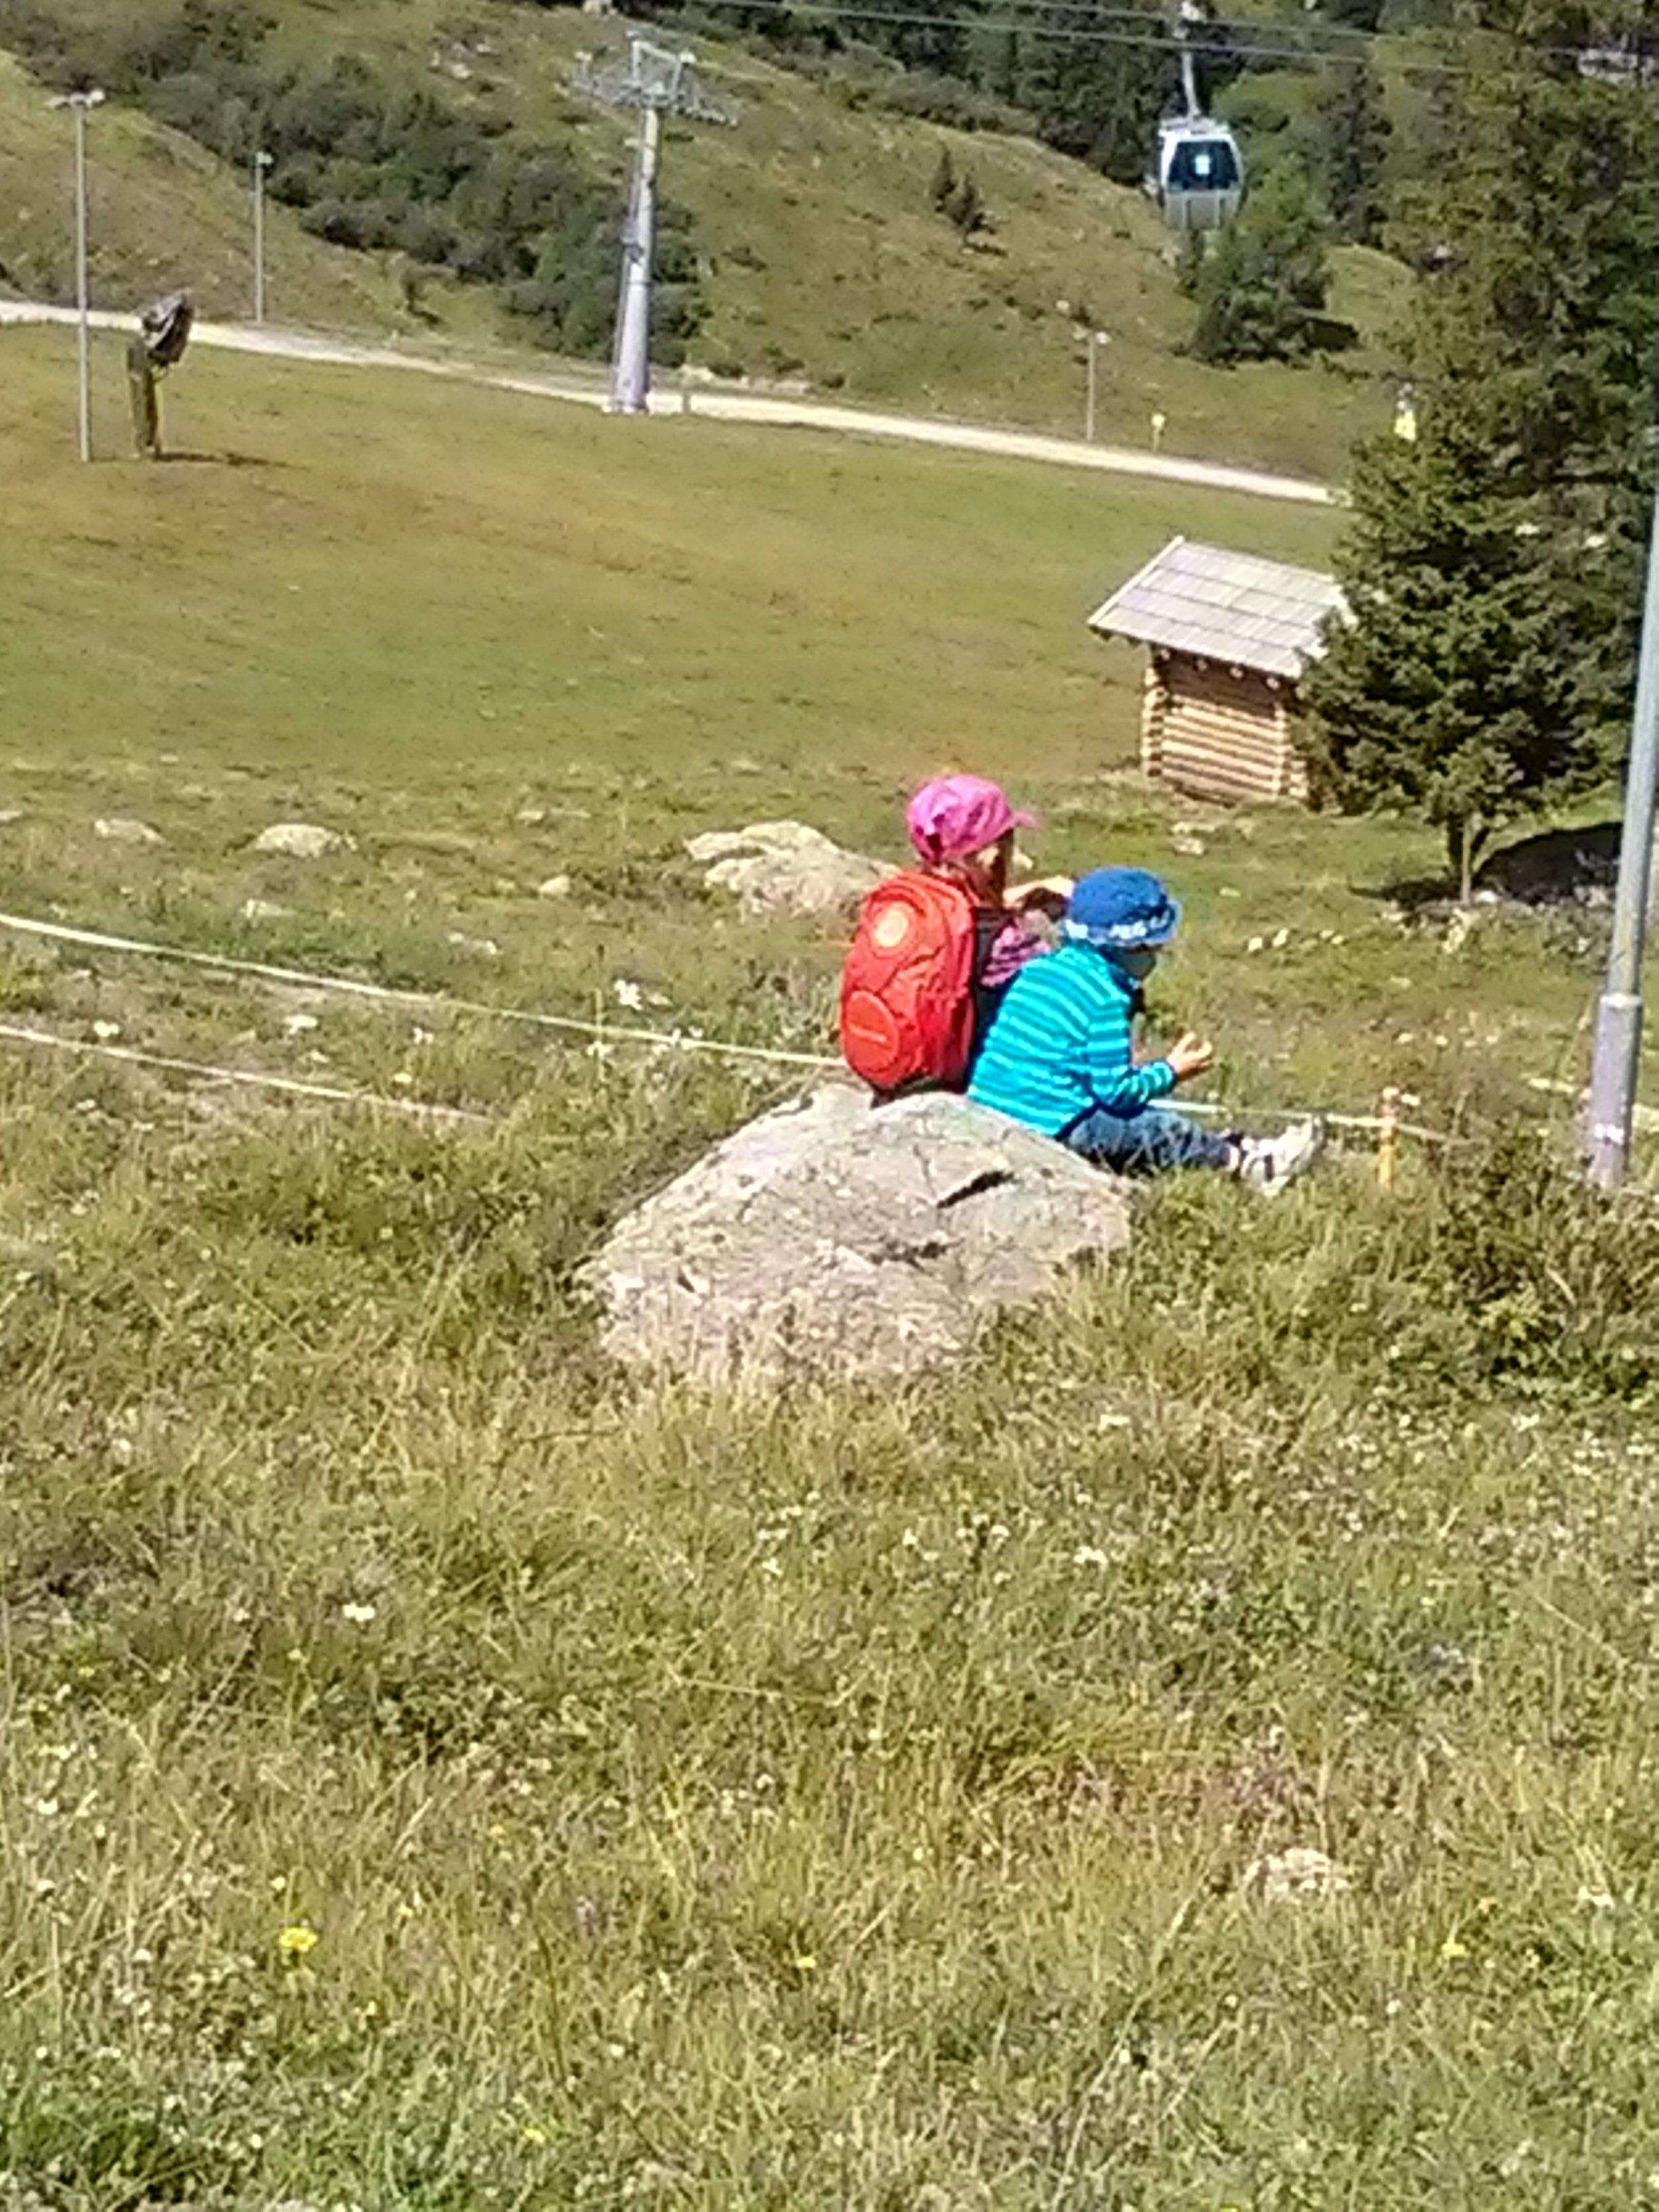 Picknick mit Aussicht auf Berge © ida78